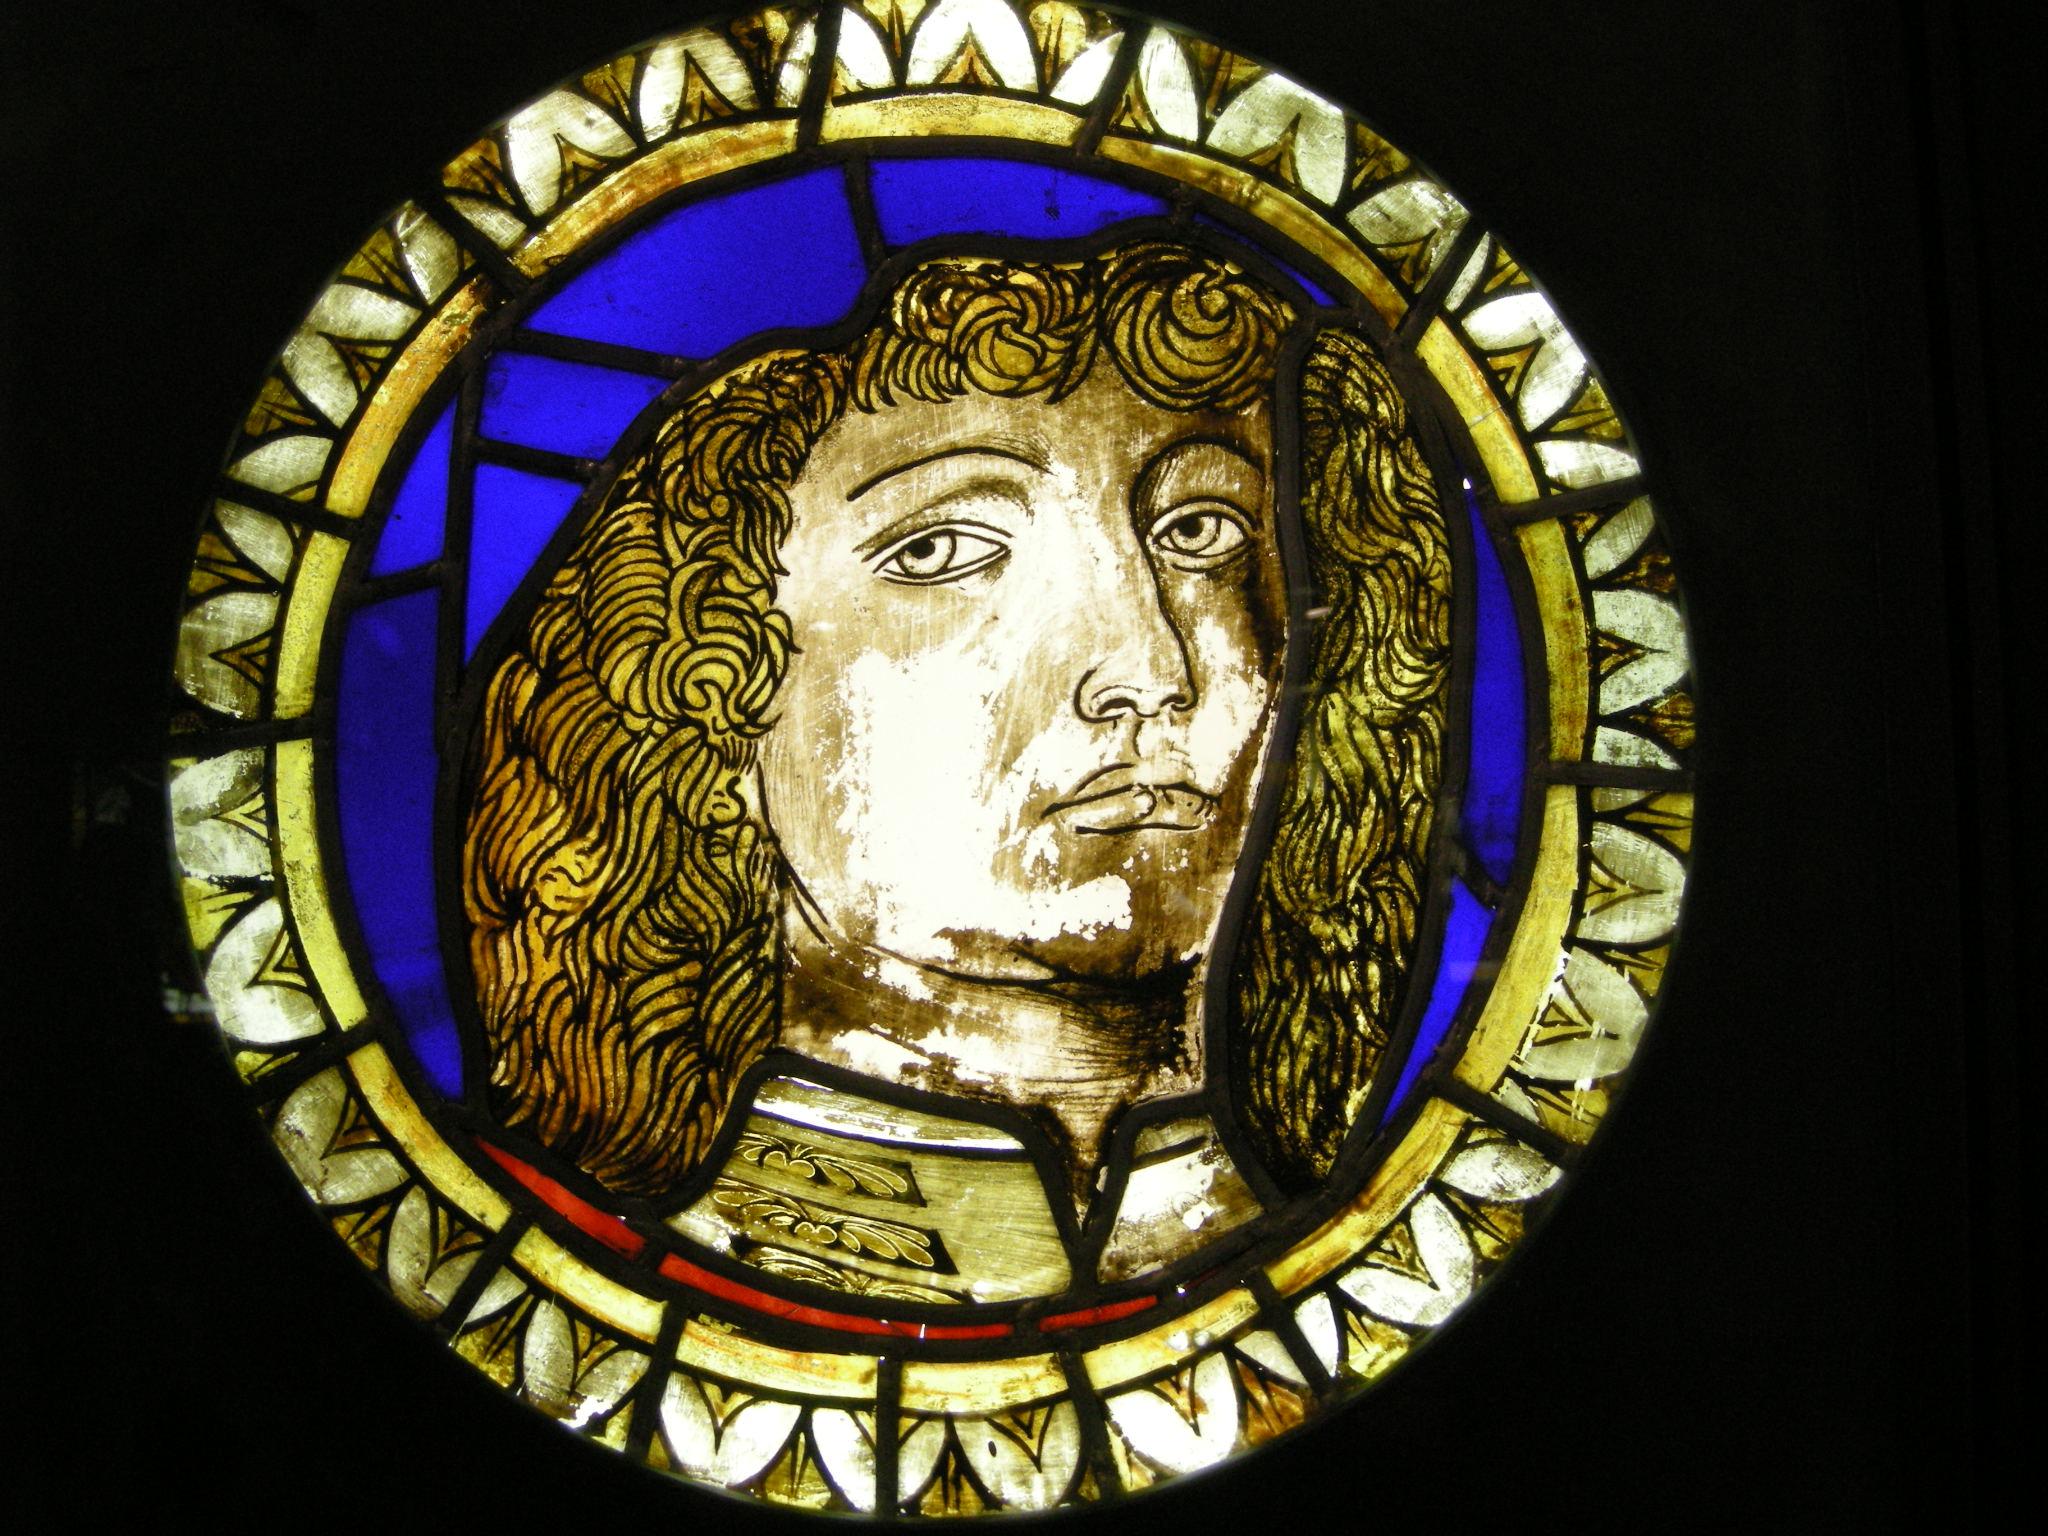 File:Vetrata con ritratto virile su cartone di ercole de' roberti, inv.